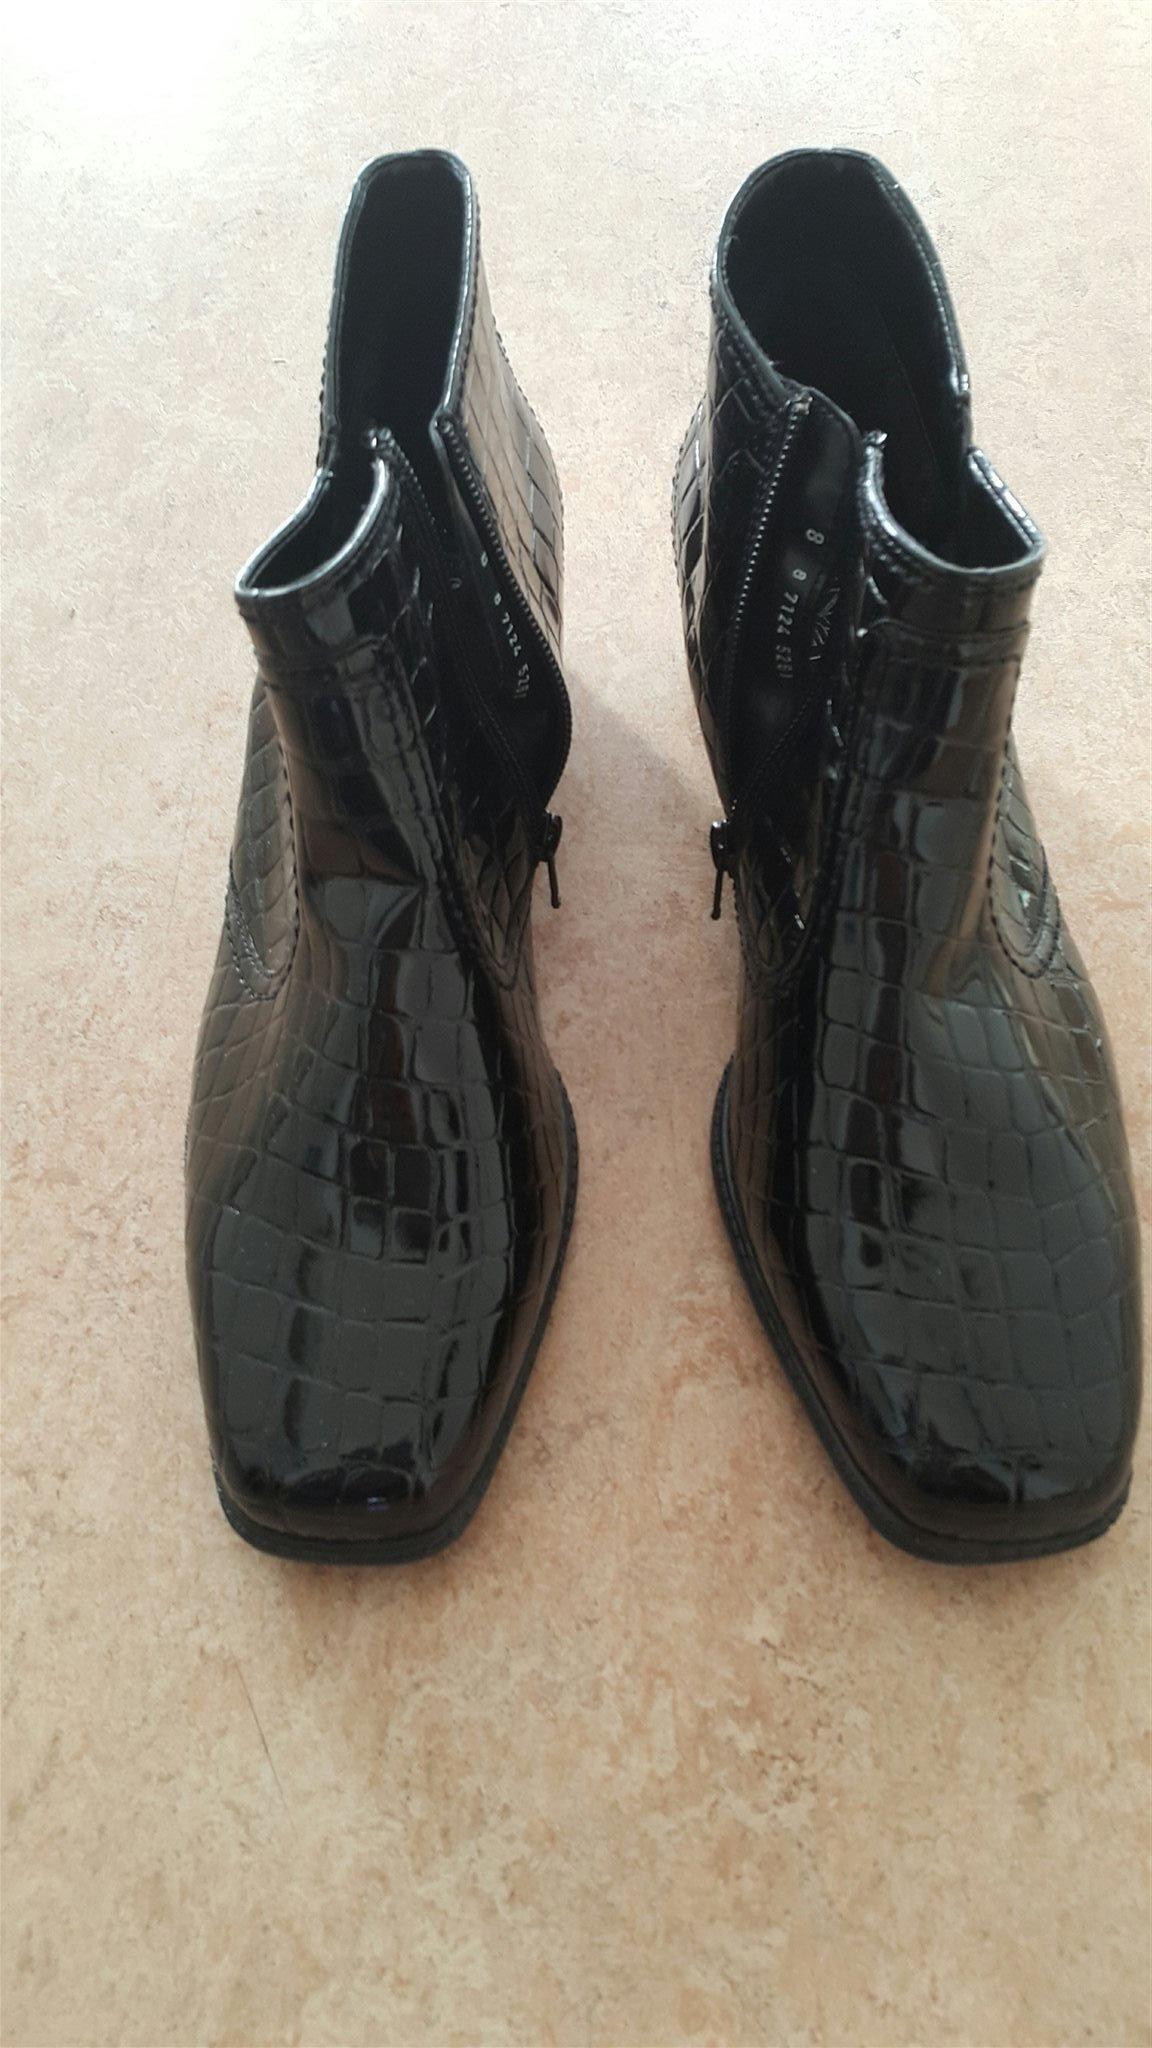 e107868533b Nya svarta skor från Jenny by ara . Strl : 8 /.. (346075221) ᐈ Köp ...